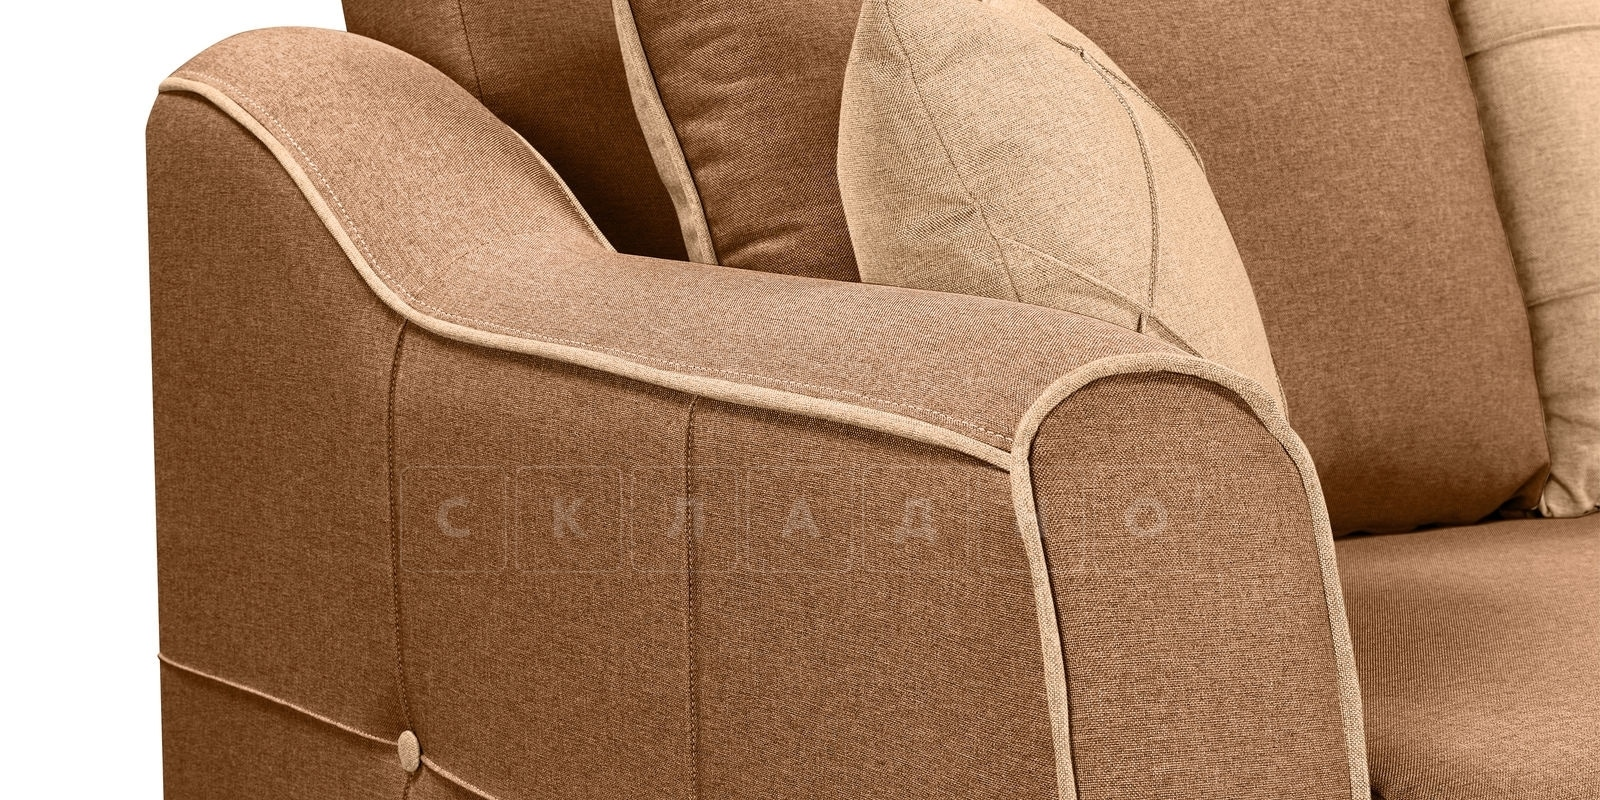 Диван Флэтфорд рогожка коричневый цвет фото 5 | интернет-магазин Складно